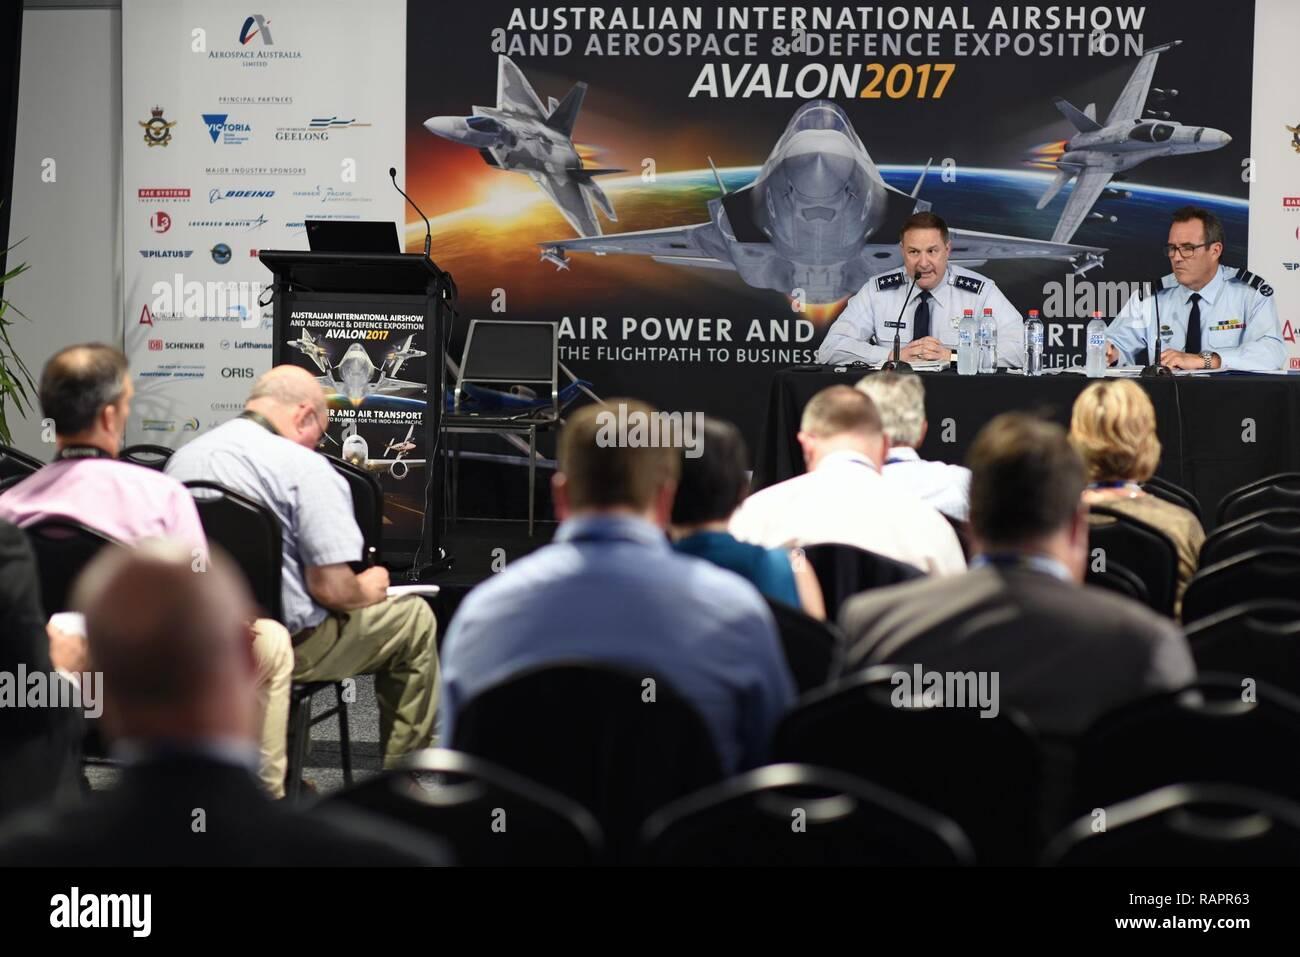 Geelong, Australien - US Air Force Generalleutnant Christopher Bogdan, Programm Executive Officer für die F-35 Lightning II, erörtert die Bedeutung der F-35 im Pazifik und wie wird es der nächsten Generation bieten Stealth und erhöhtes Situationsbewusstsein während der Australian International Airshow und Luftfahrt & Verteidigung Exposition (AVALON) Feb 28. AVALON 2017 ist ein ideales Forum zur Schau zu US-Flugzeuge und Anlagen, insbesondere die neuesten in der fünften Generation wie der F-22 Raptor und F-35 und es ist die größte und umfassendste Veranstaltung ihrer Art in der südlichen Hemis Stockfoto